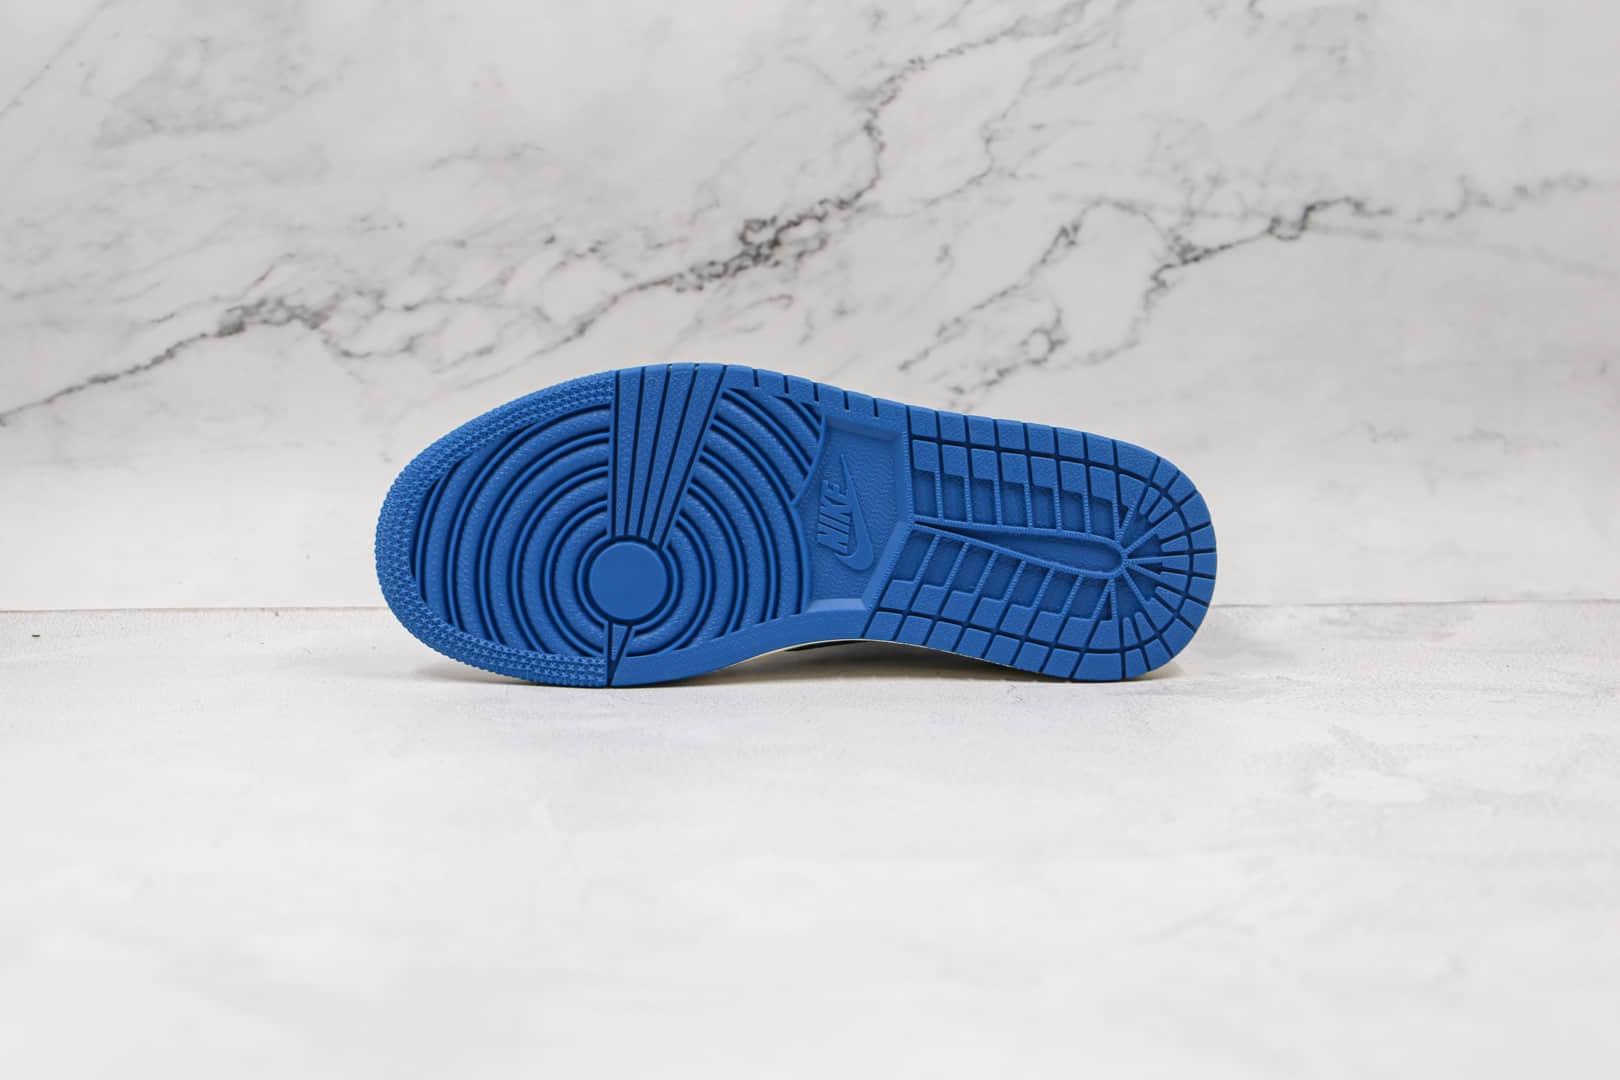 乔丹Air Jordan 1 High OG TS SP纯原版本低帮AJ1白蓝色闪电倒勾板鞋原楦头纸板打造 货号:DM7866-140